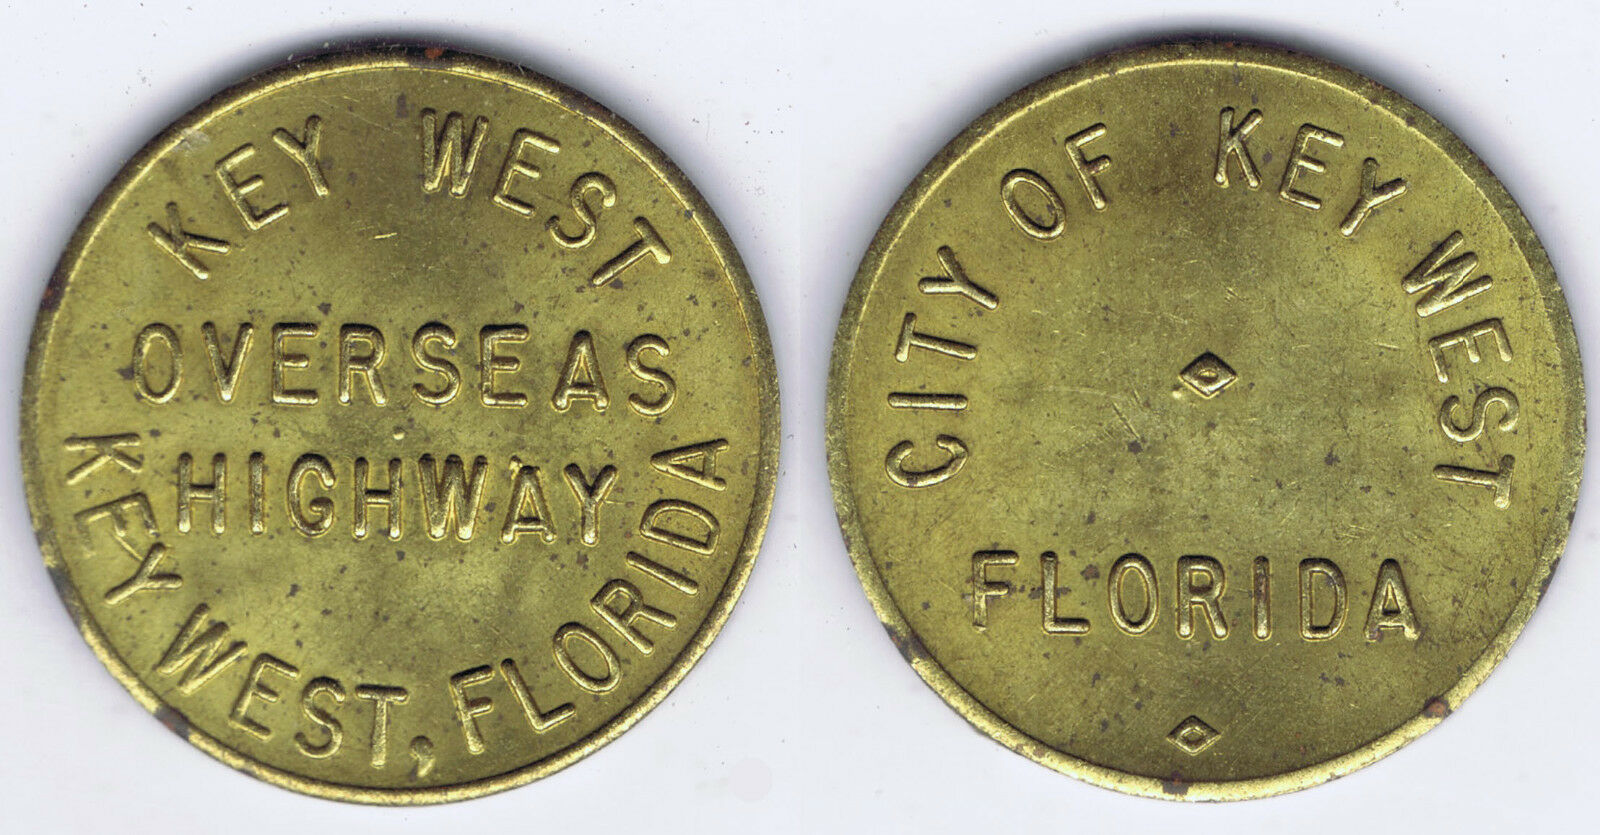 WHOLESALE TEN (10) KEY WEST FLORIDA OVERSEAS HIGHWAY TOKEN with METAL SPOTTING